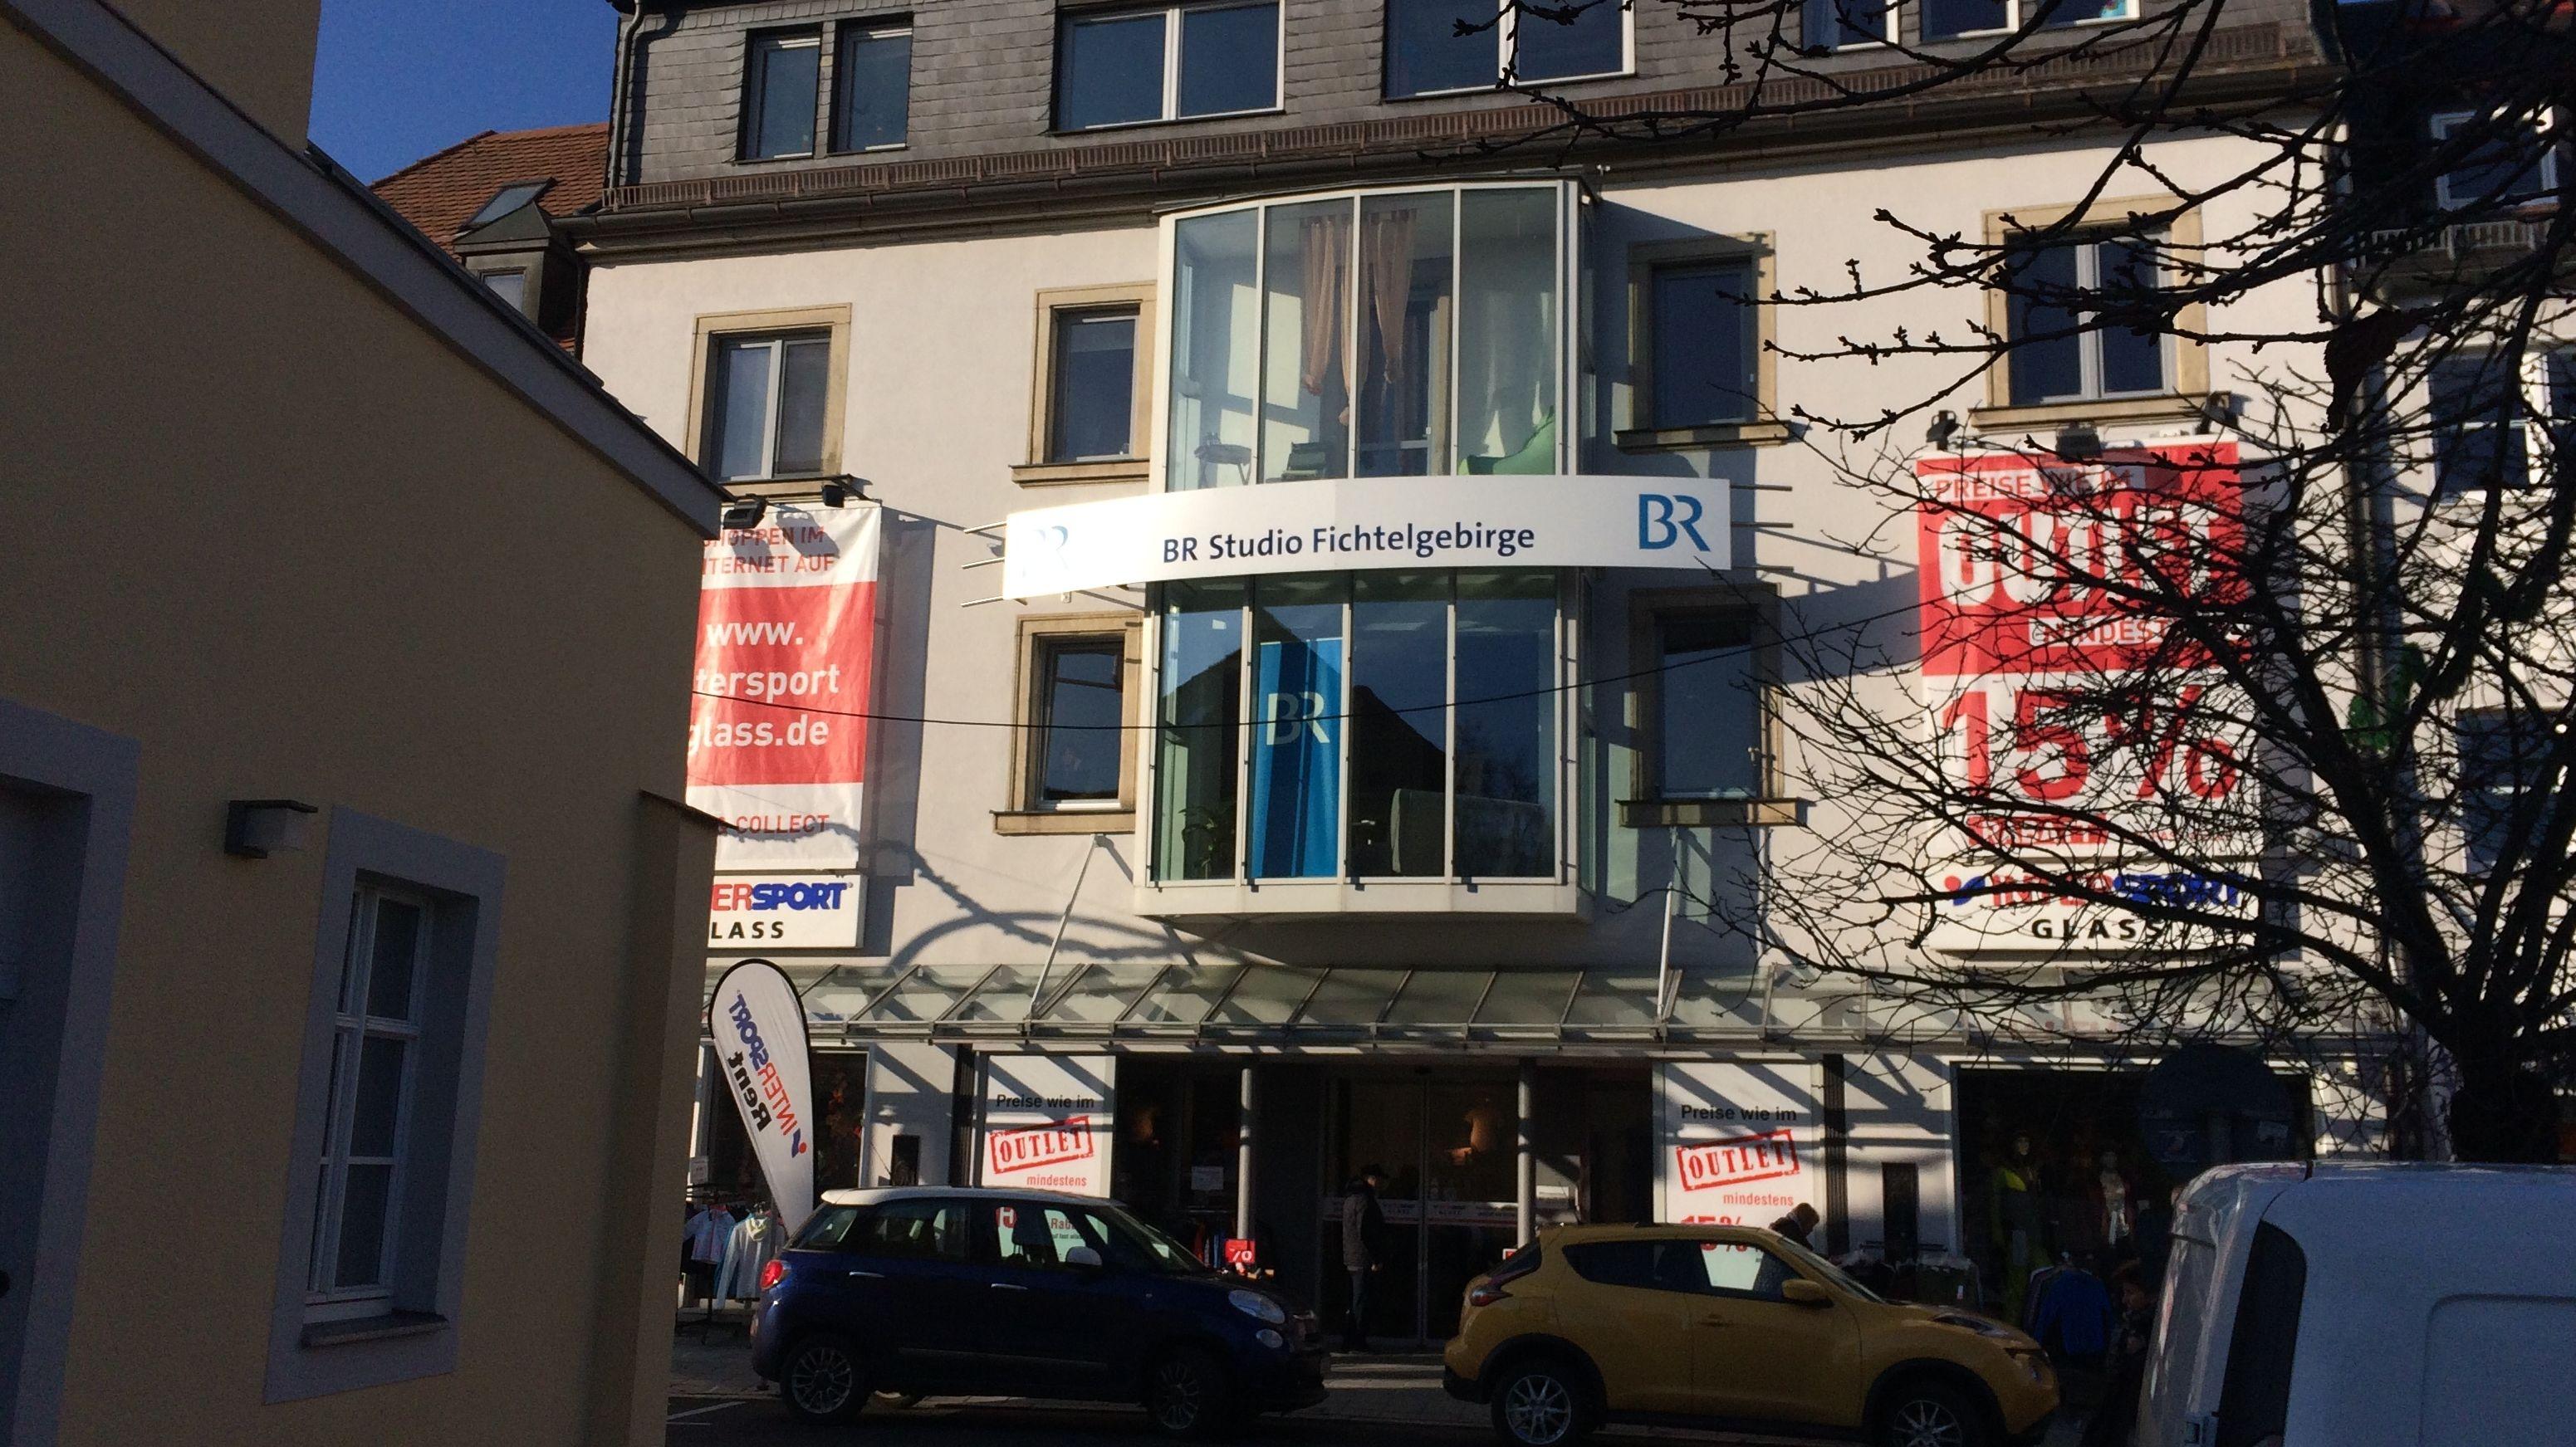 Das BR-Studio Fichtelgebirge in Marktredwitz